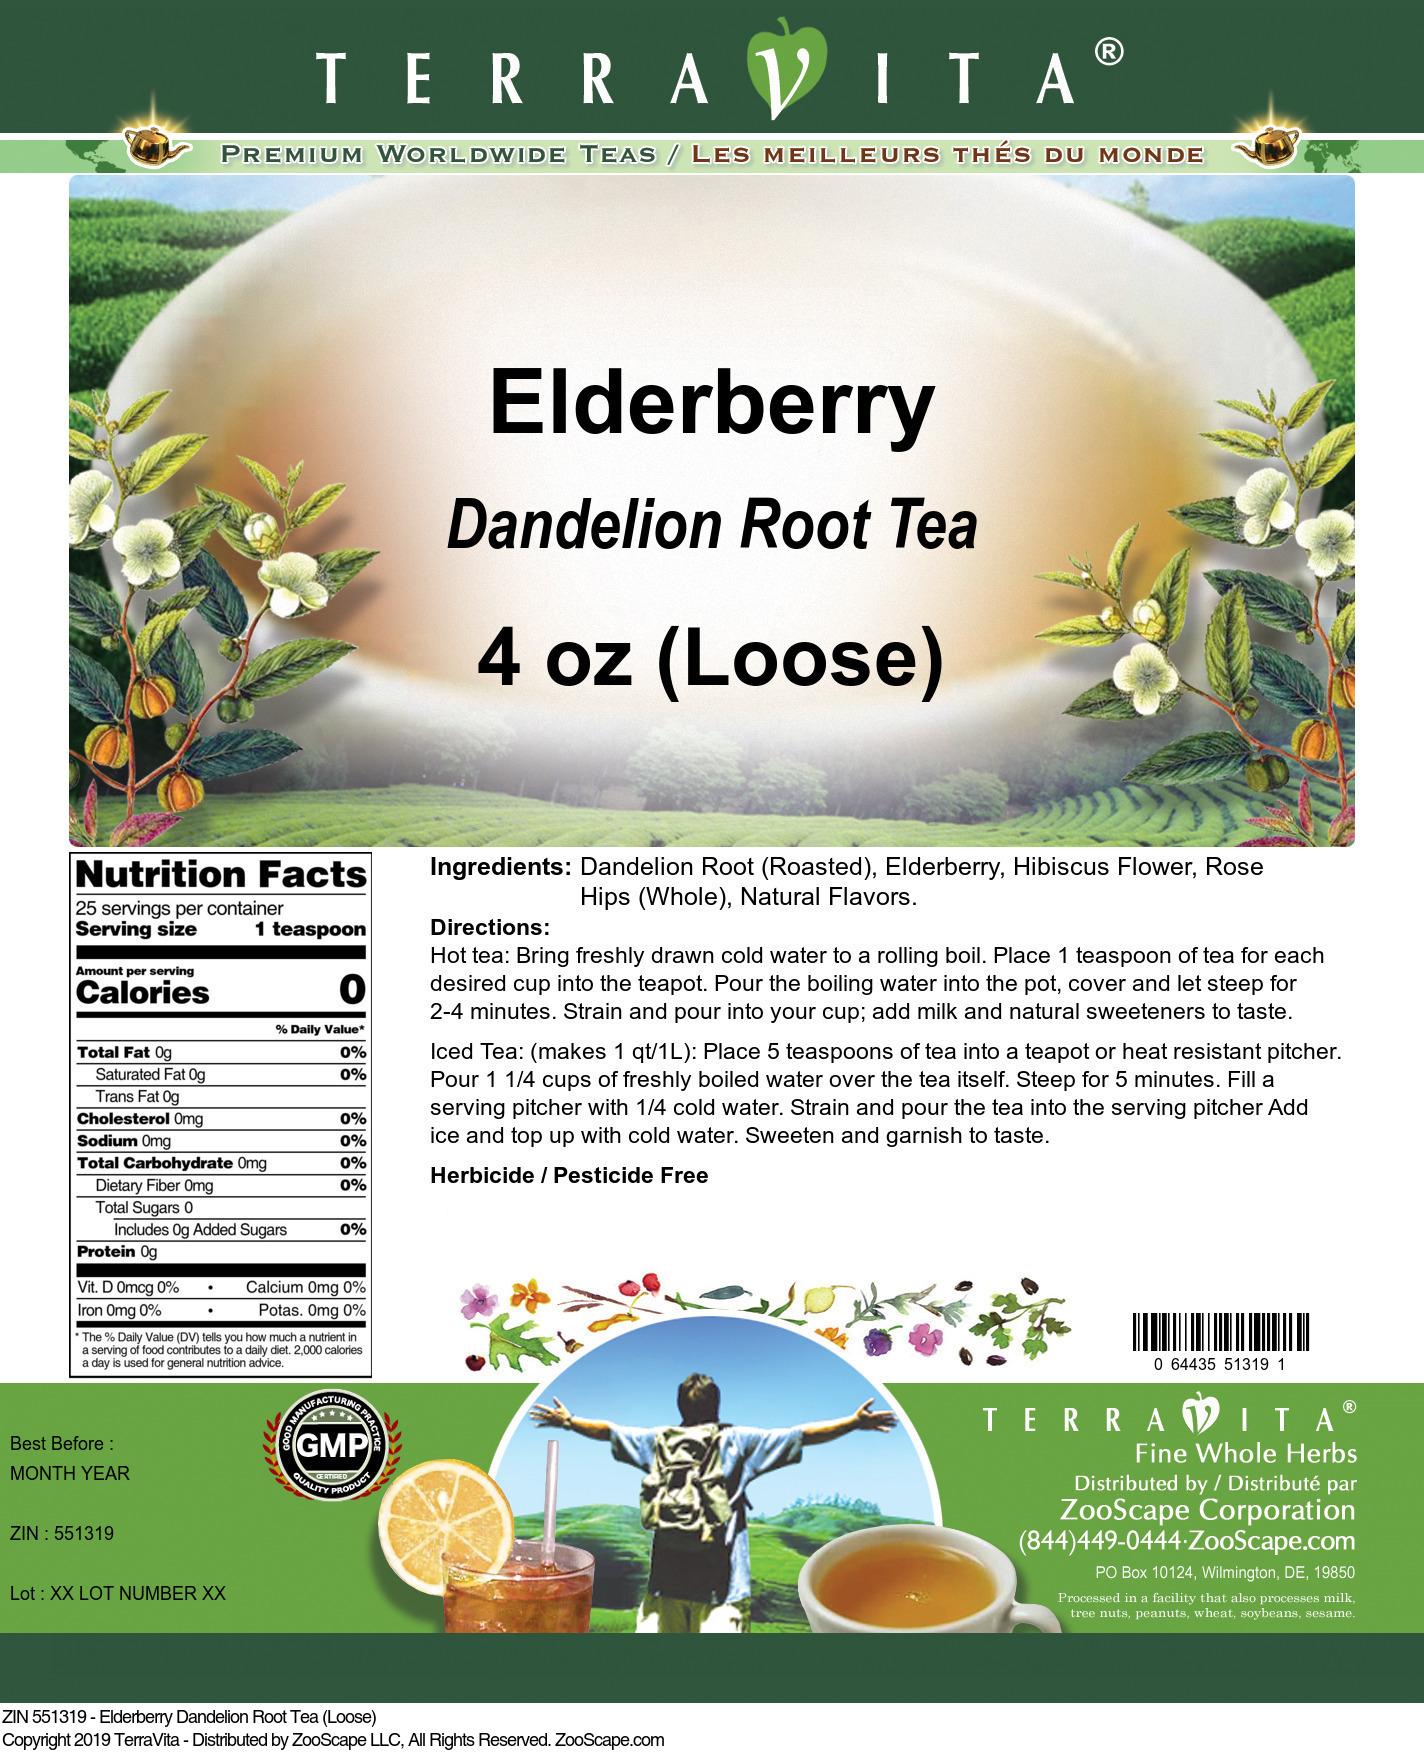 Elderberry Dandelion Root Tea (Loose)